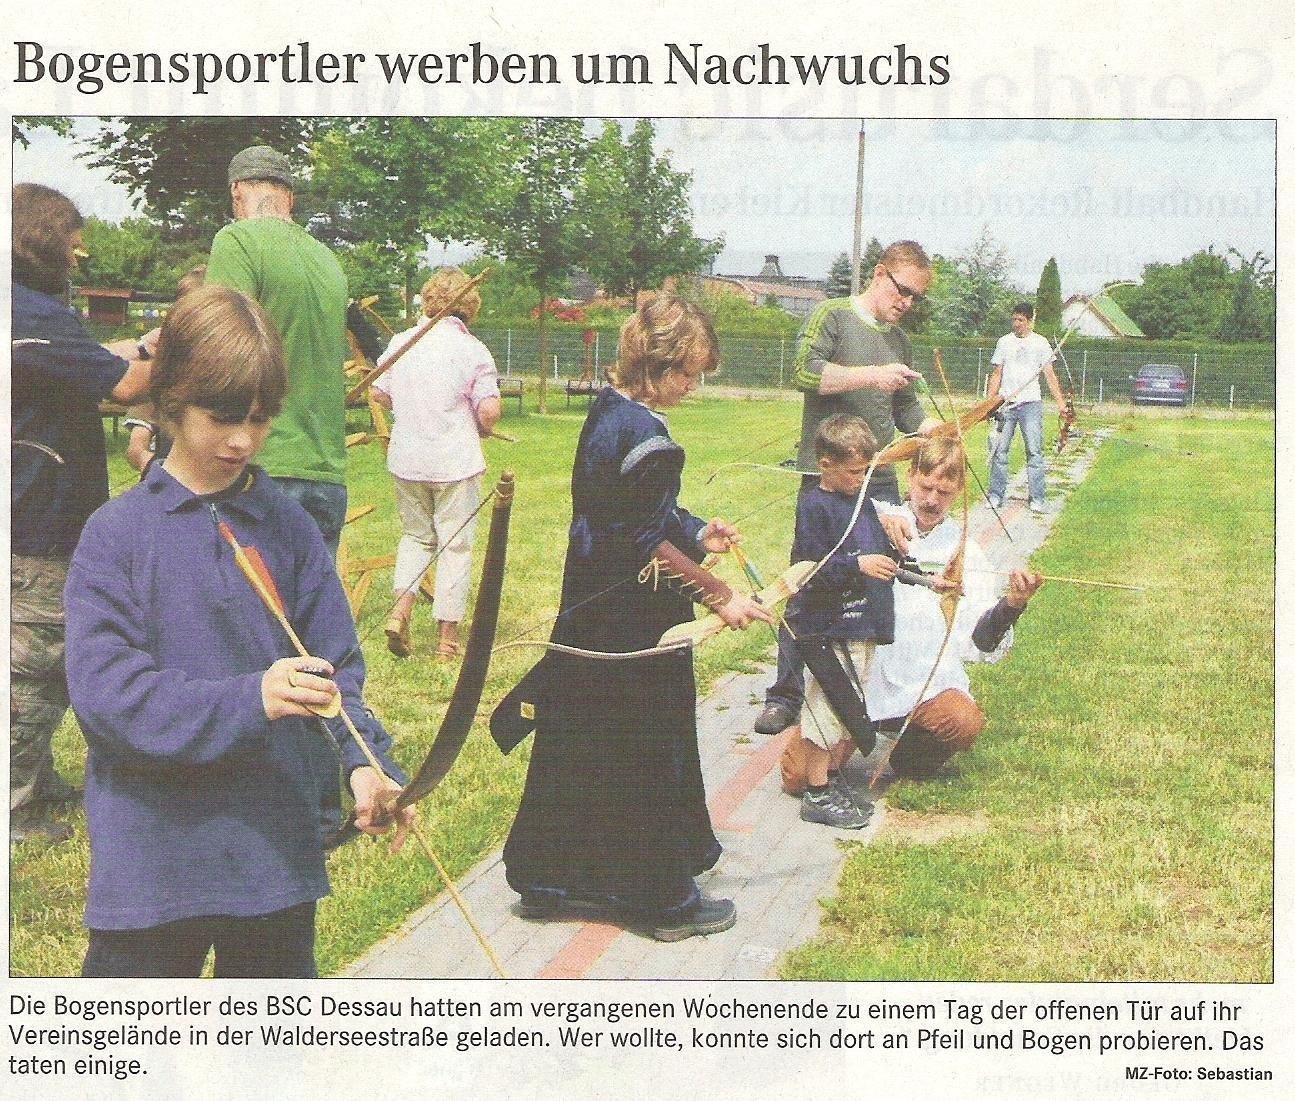 Tag der offenen Tür – Mitteldeutsche Zeitung vom 27.06.2008